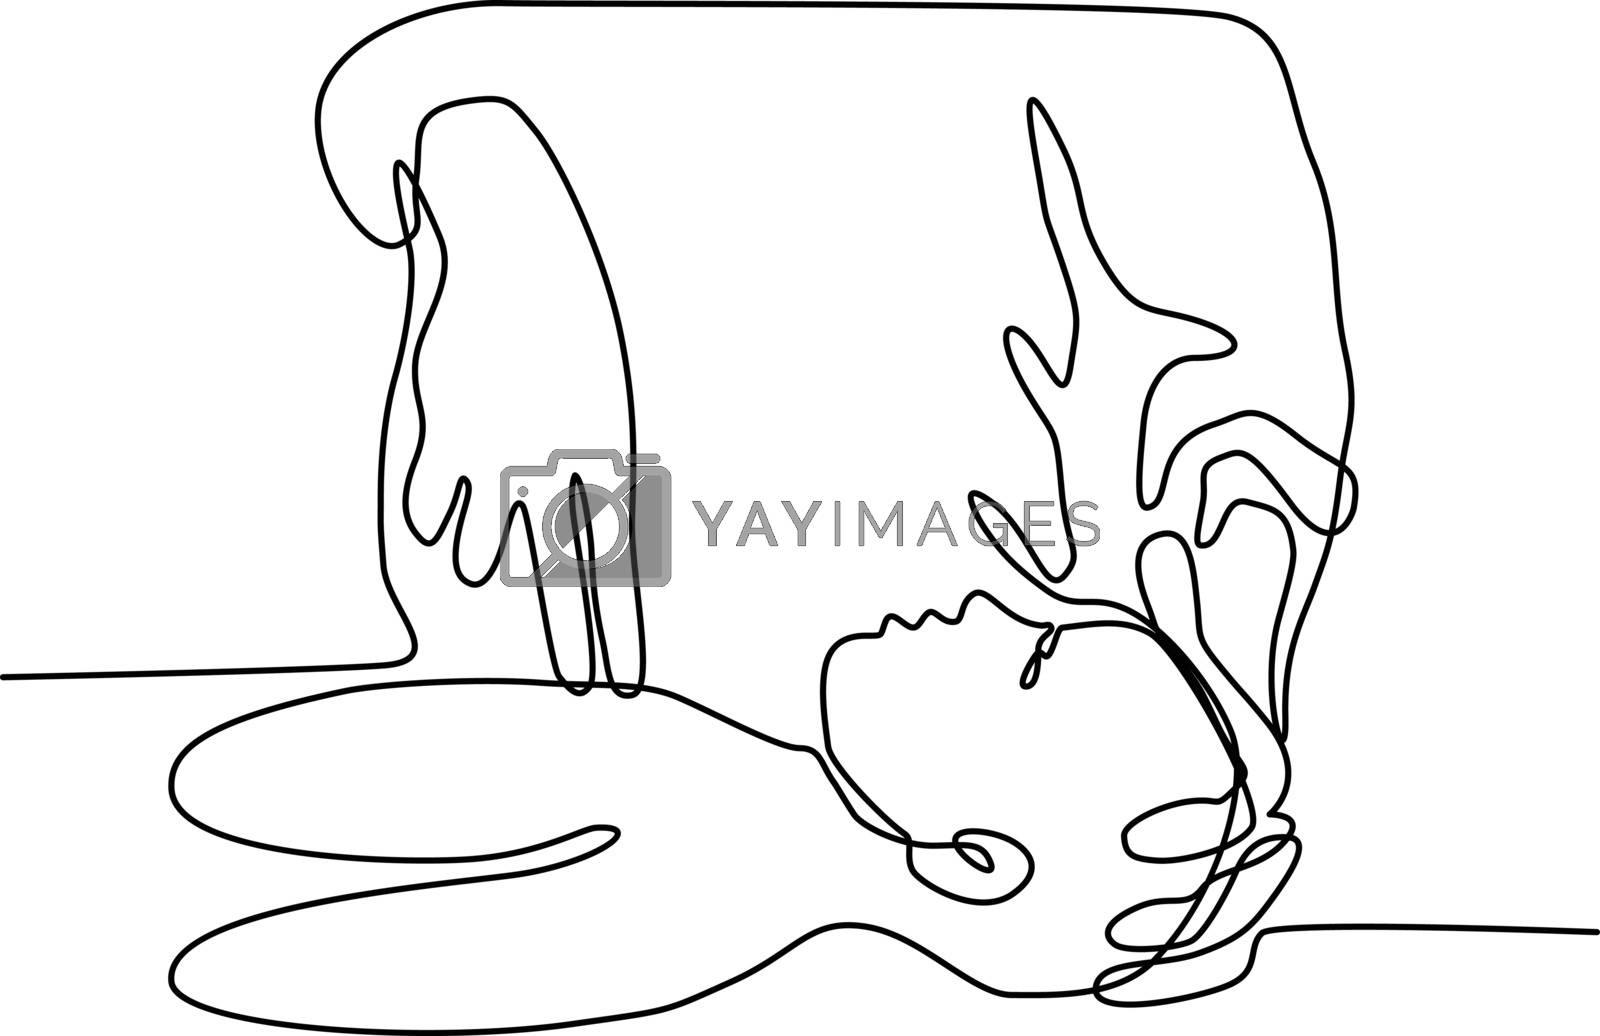 Cardiopulmonary Resuscitation Continuous Line by patrimonio